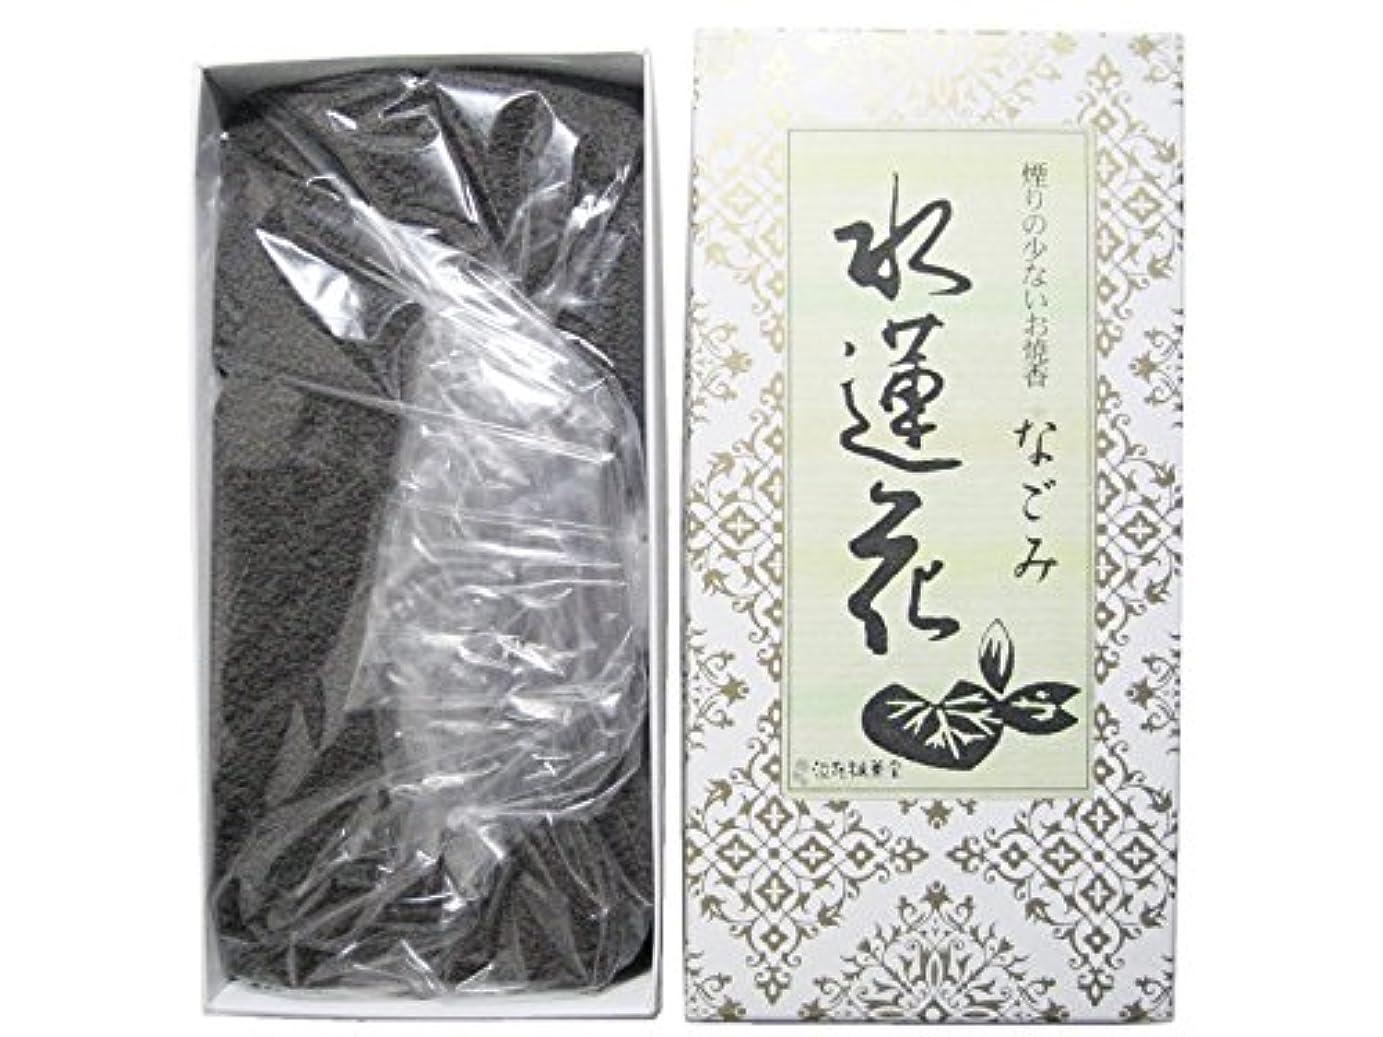 価値管理します方法論淡路梅薫堂のお香 煙の少ないお焼香 なごみ 水蓮花 500g×15箱 #931